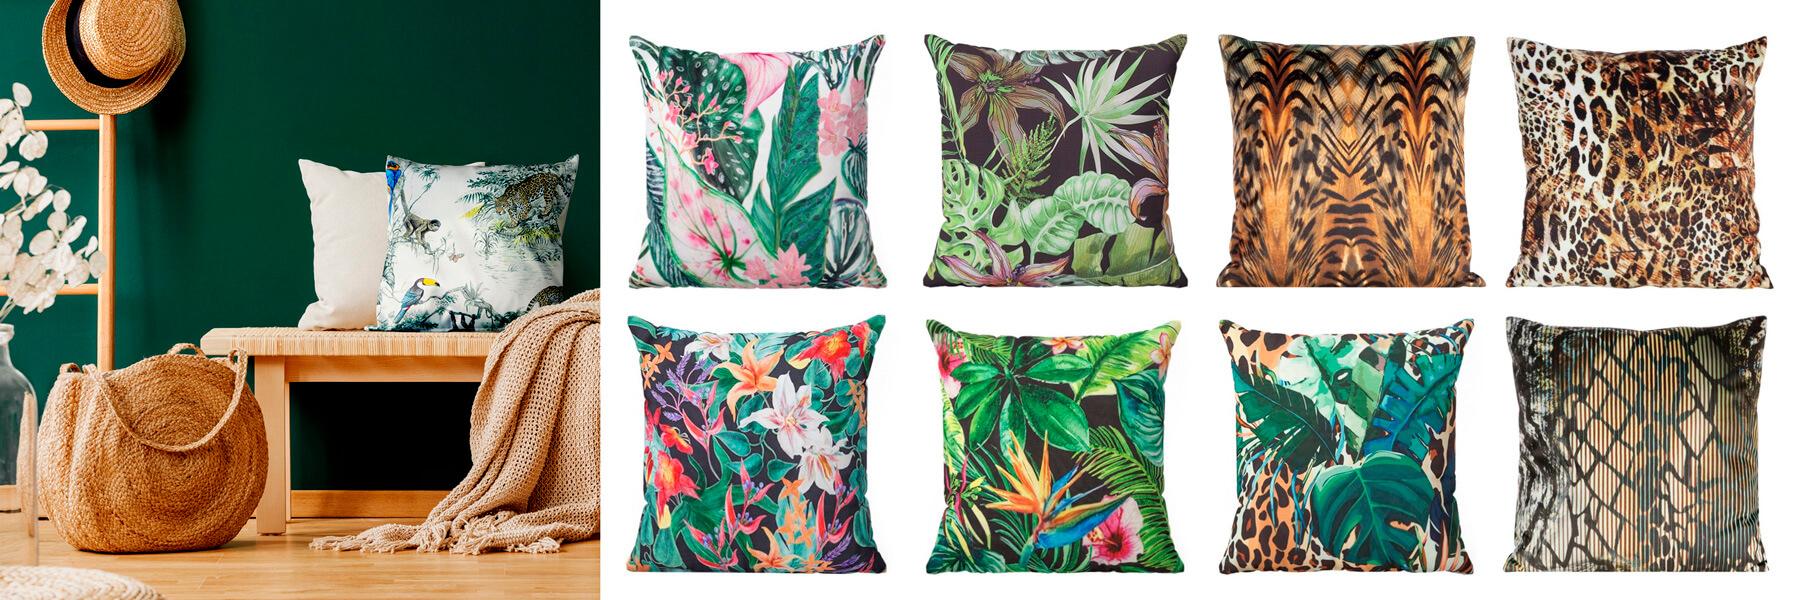 poduszki we wzory roslinne